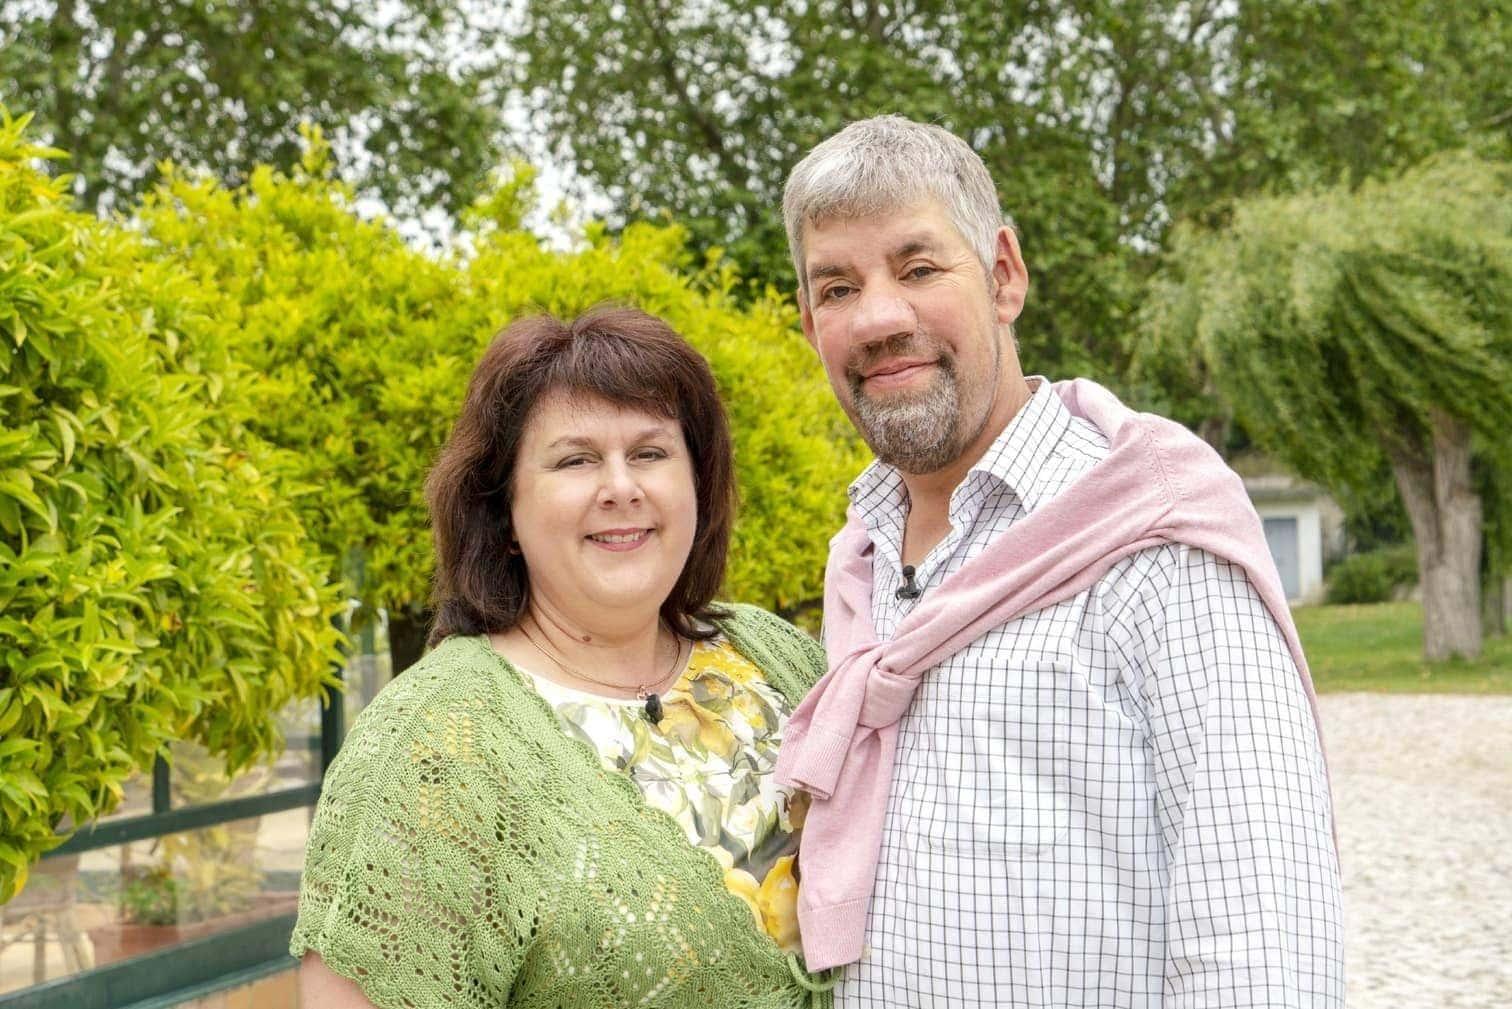 <p>Der kölsche TV-Kultstar Frank Fussbroich und seine Ehefrau Elke Fussbroich wagen sich ebenfalls in die RTL-Show.</p> Foto: MG RTL D / Max Kohr